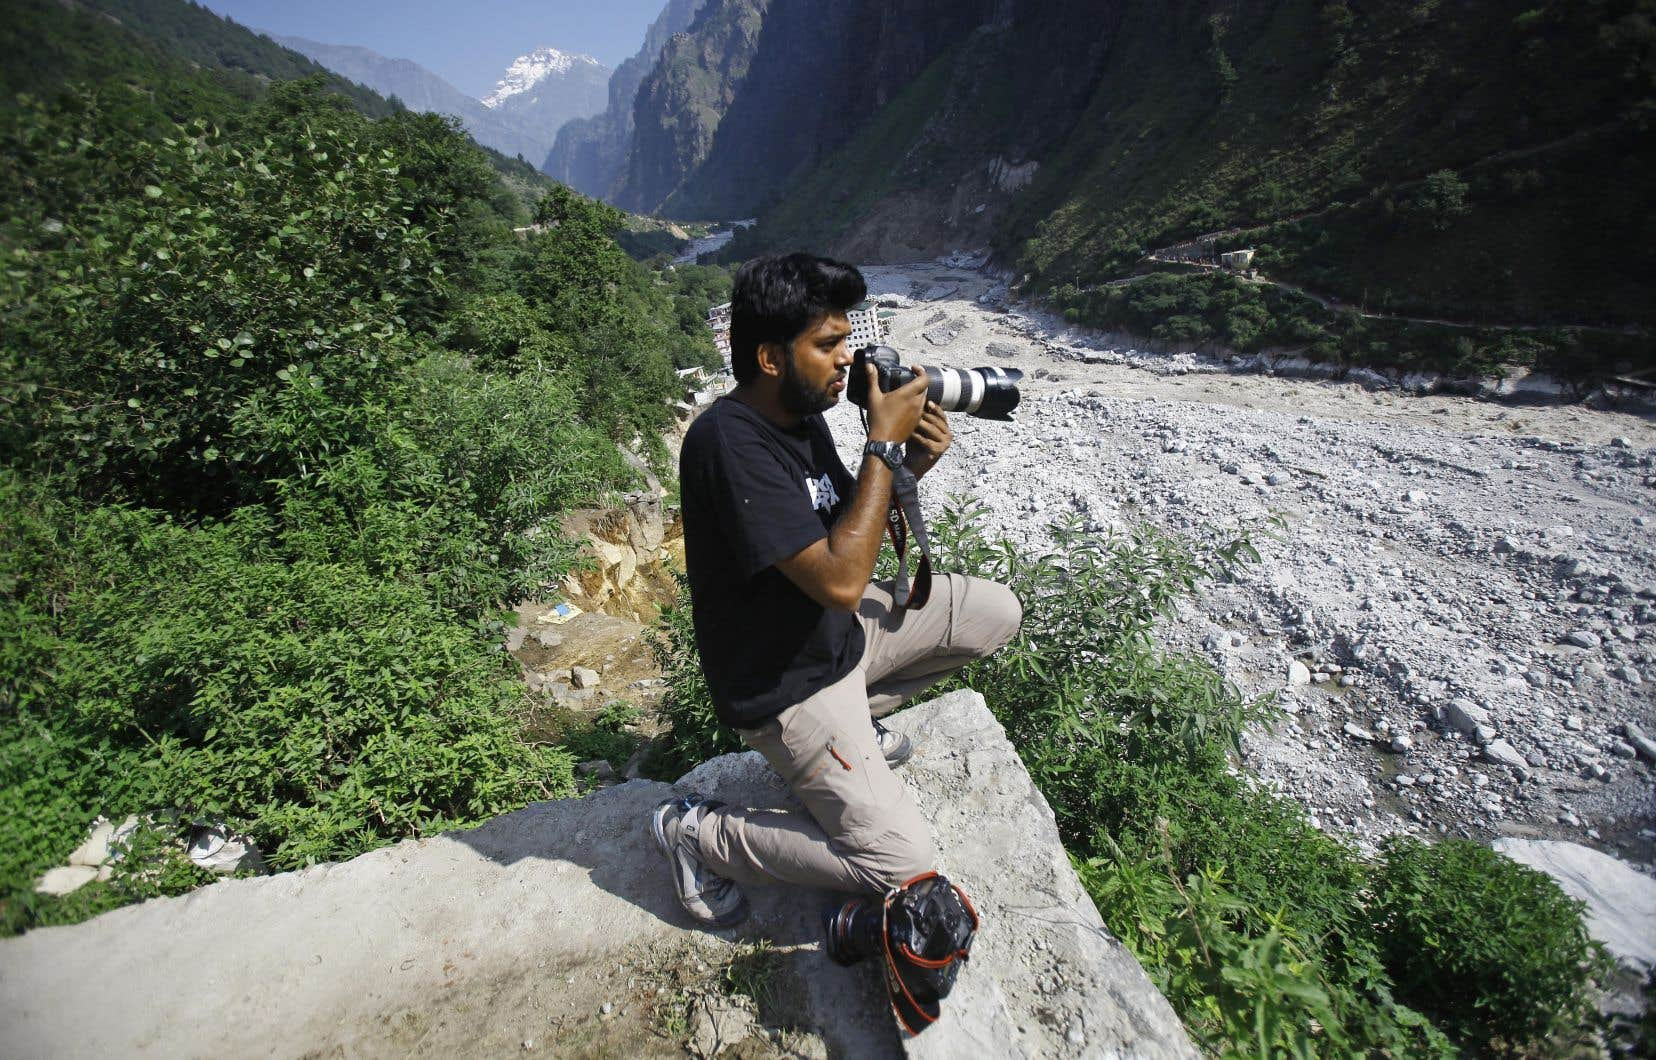 Le photographe de Reuters Danish Siddiqui a été tué par des tirs talibans vendredi près de Kandahar.